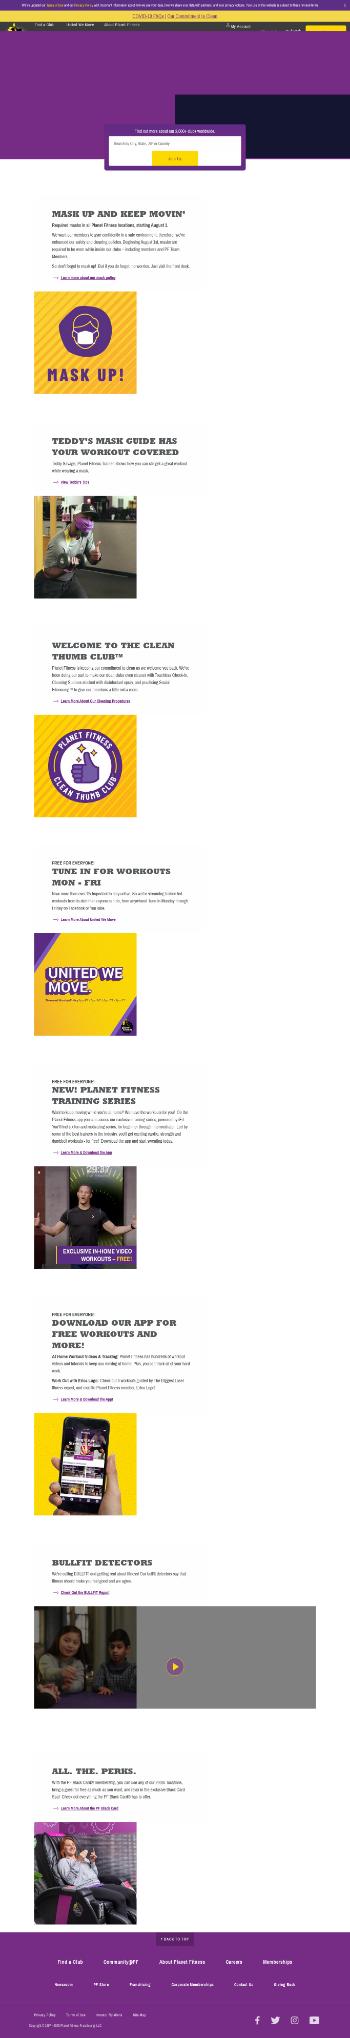 Planet Fitness, Inc. Website Screenshot